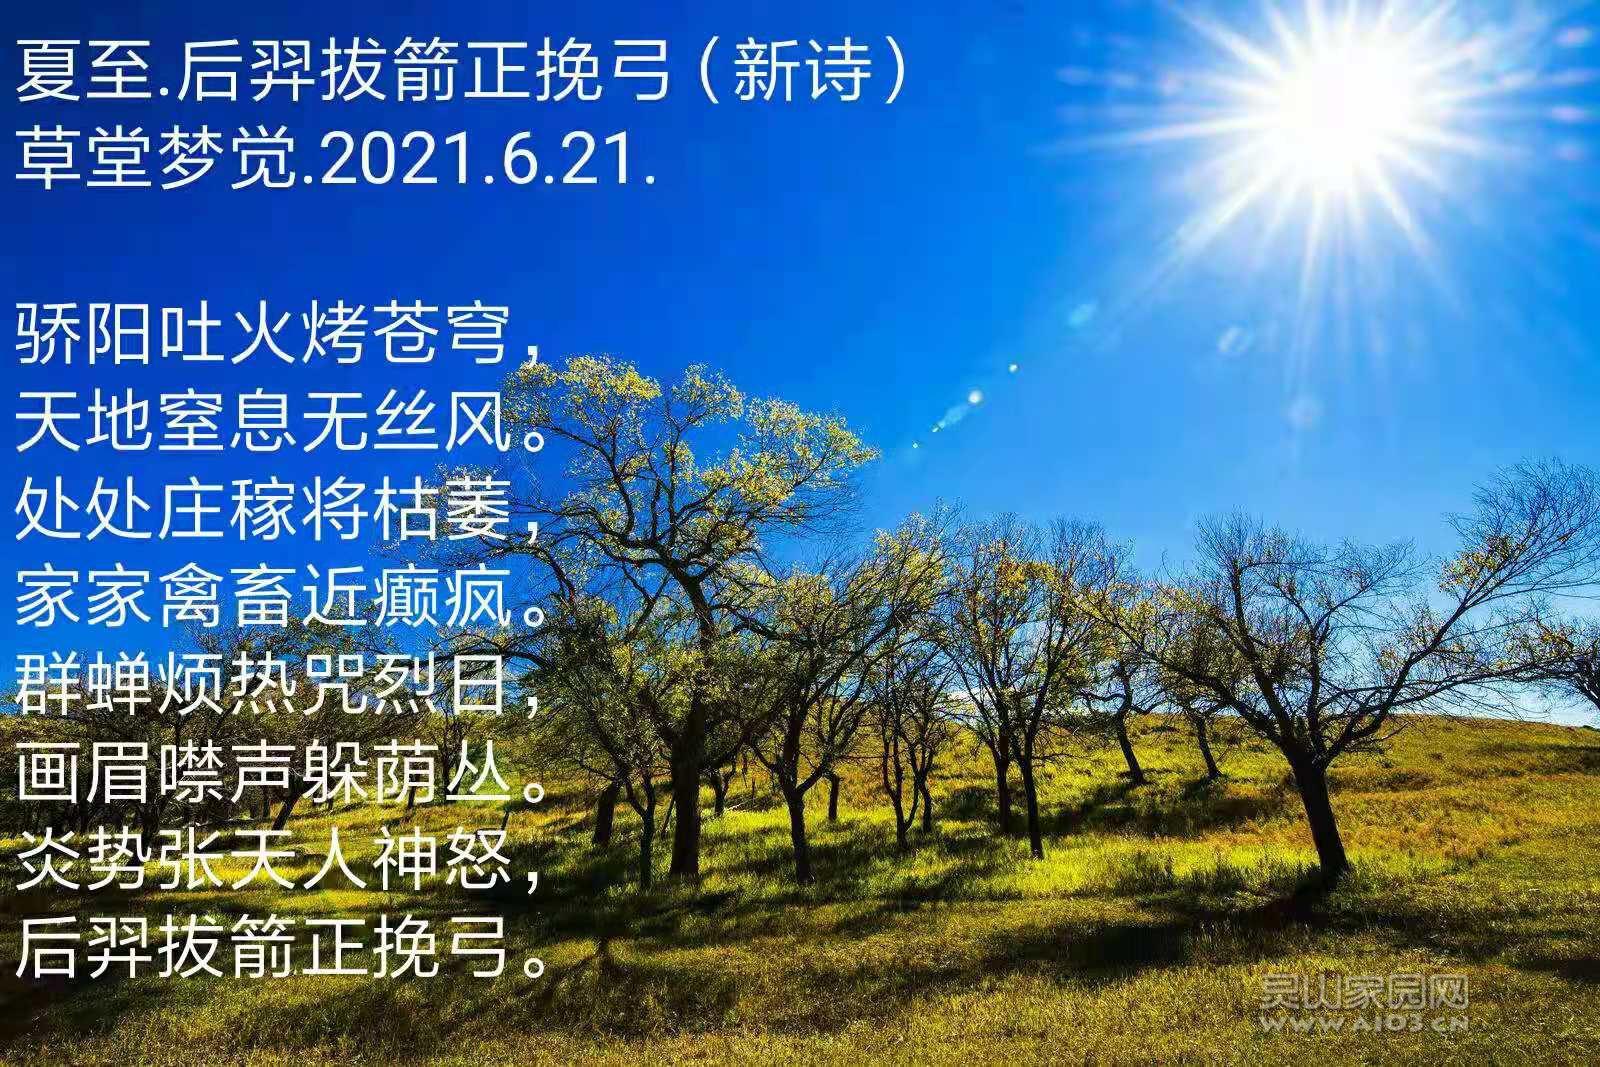 夏至.后羿拔箭正挽弓(蓝天)2021.6.21.jpg